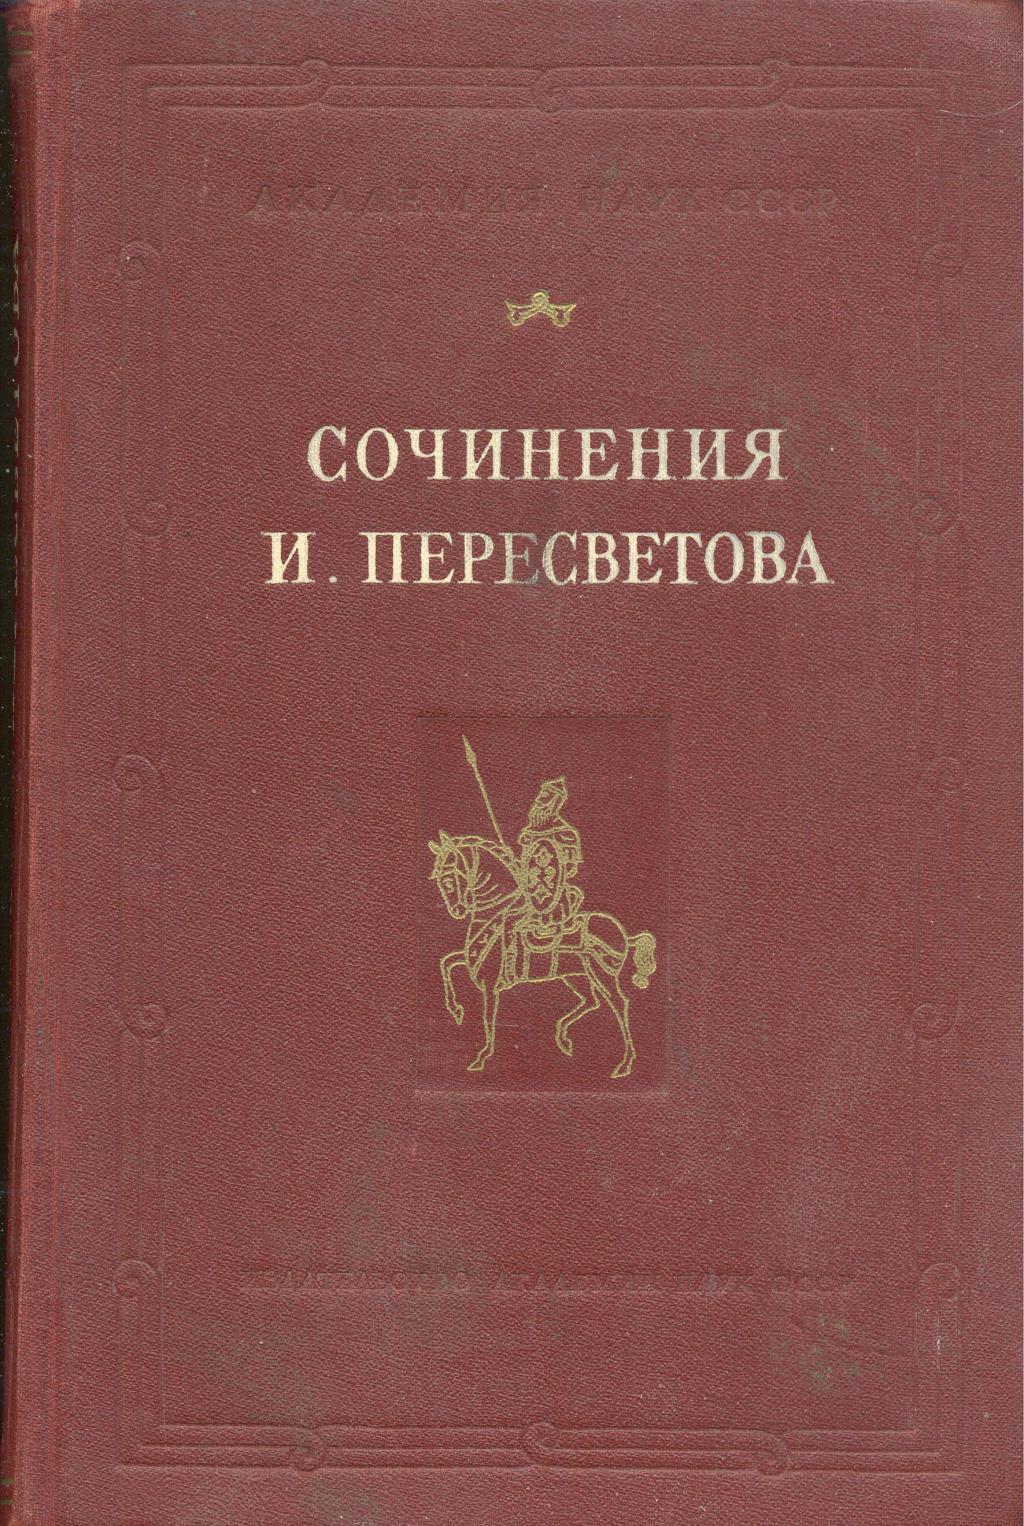 Сочинения И. Пересветова